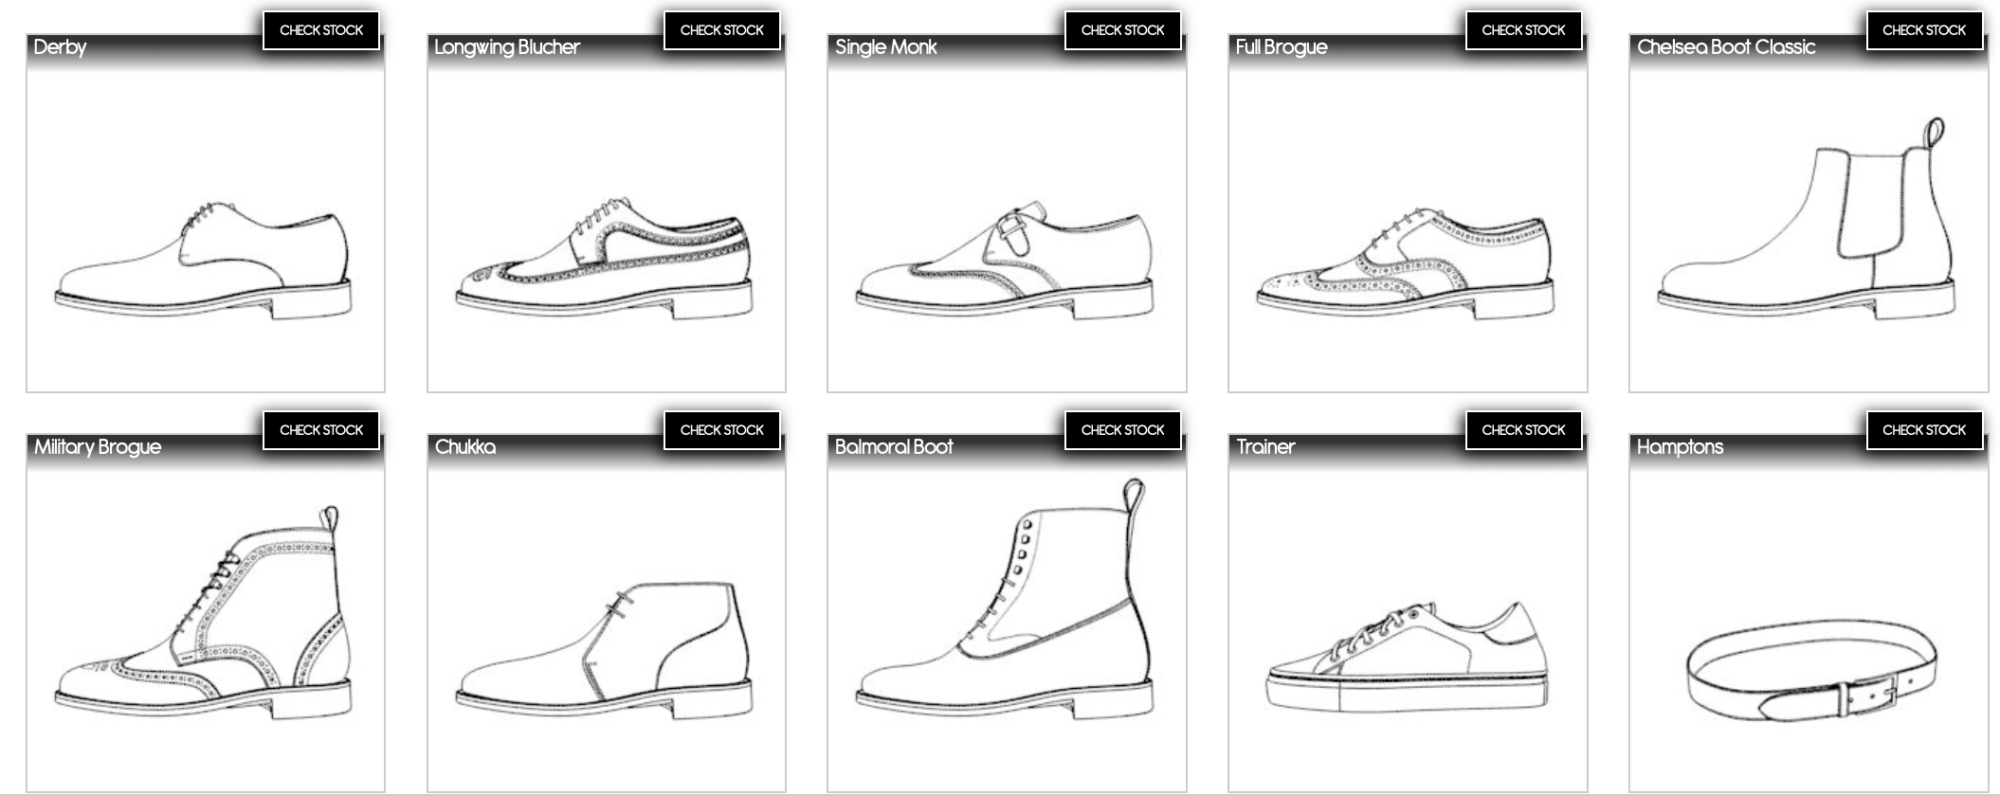 Fastlane: Une production entre 7-10 jours grâce à un nombre limité d'options de personnalisation, les modèles blancs dans la collection.